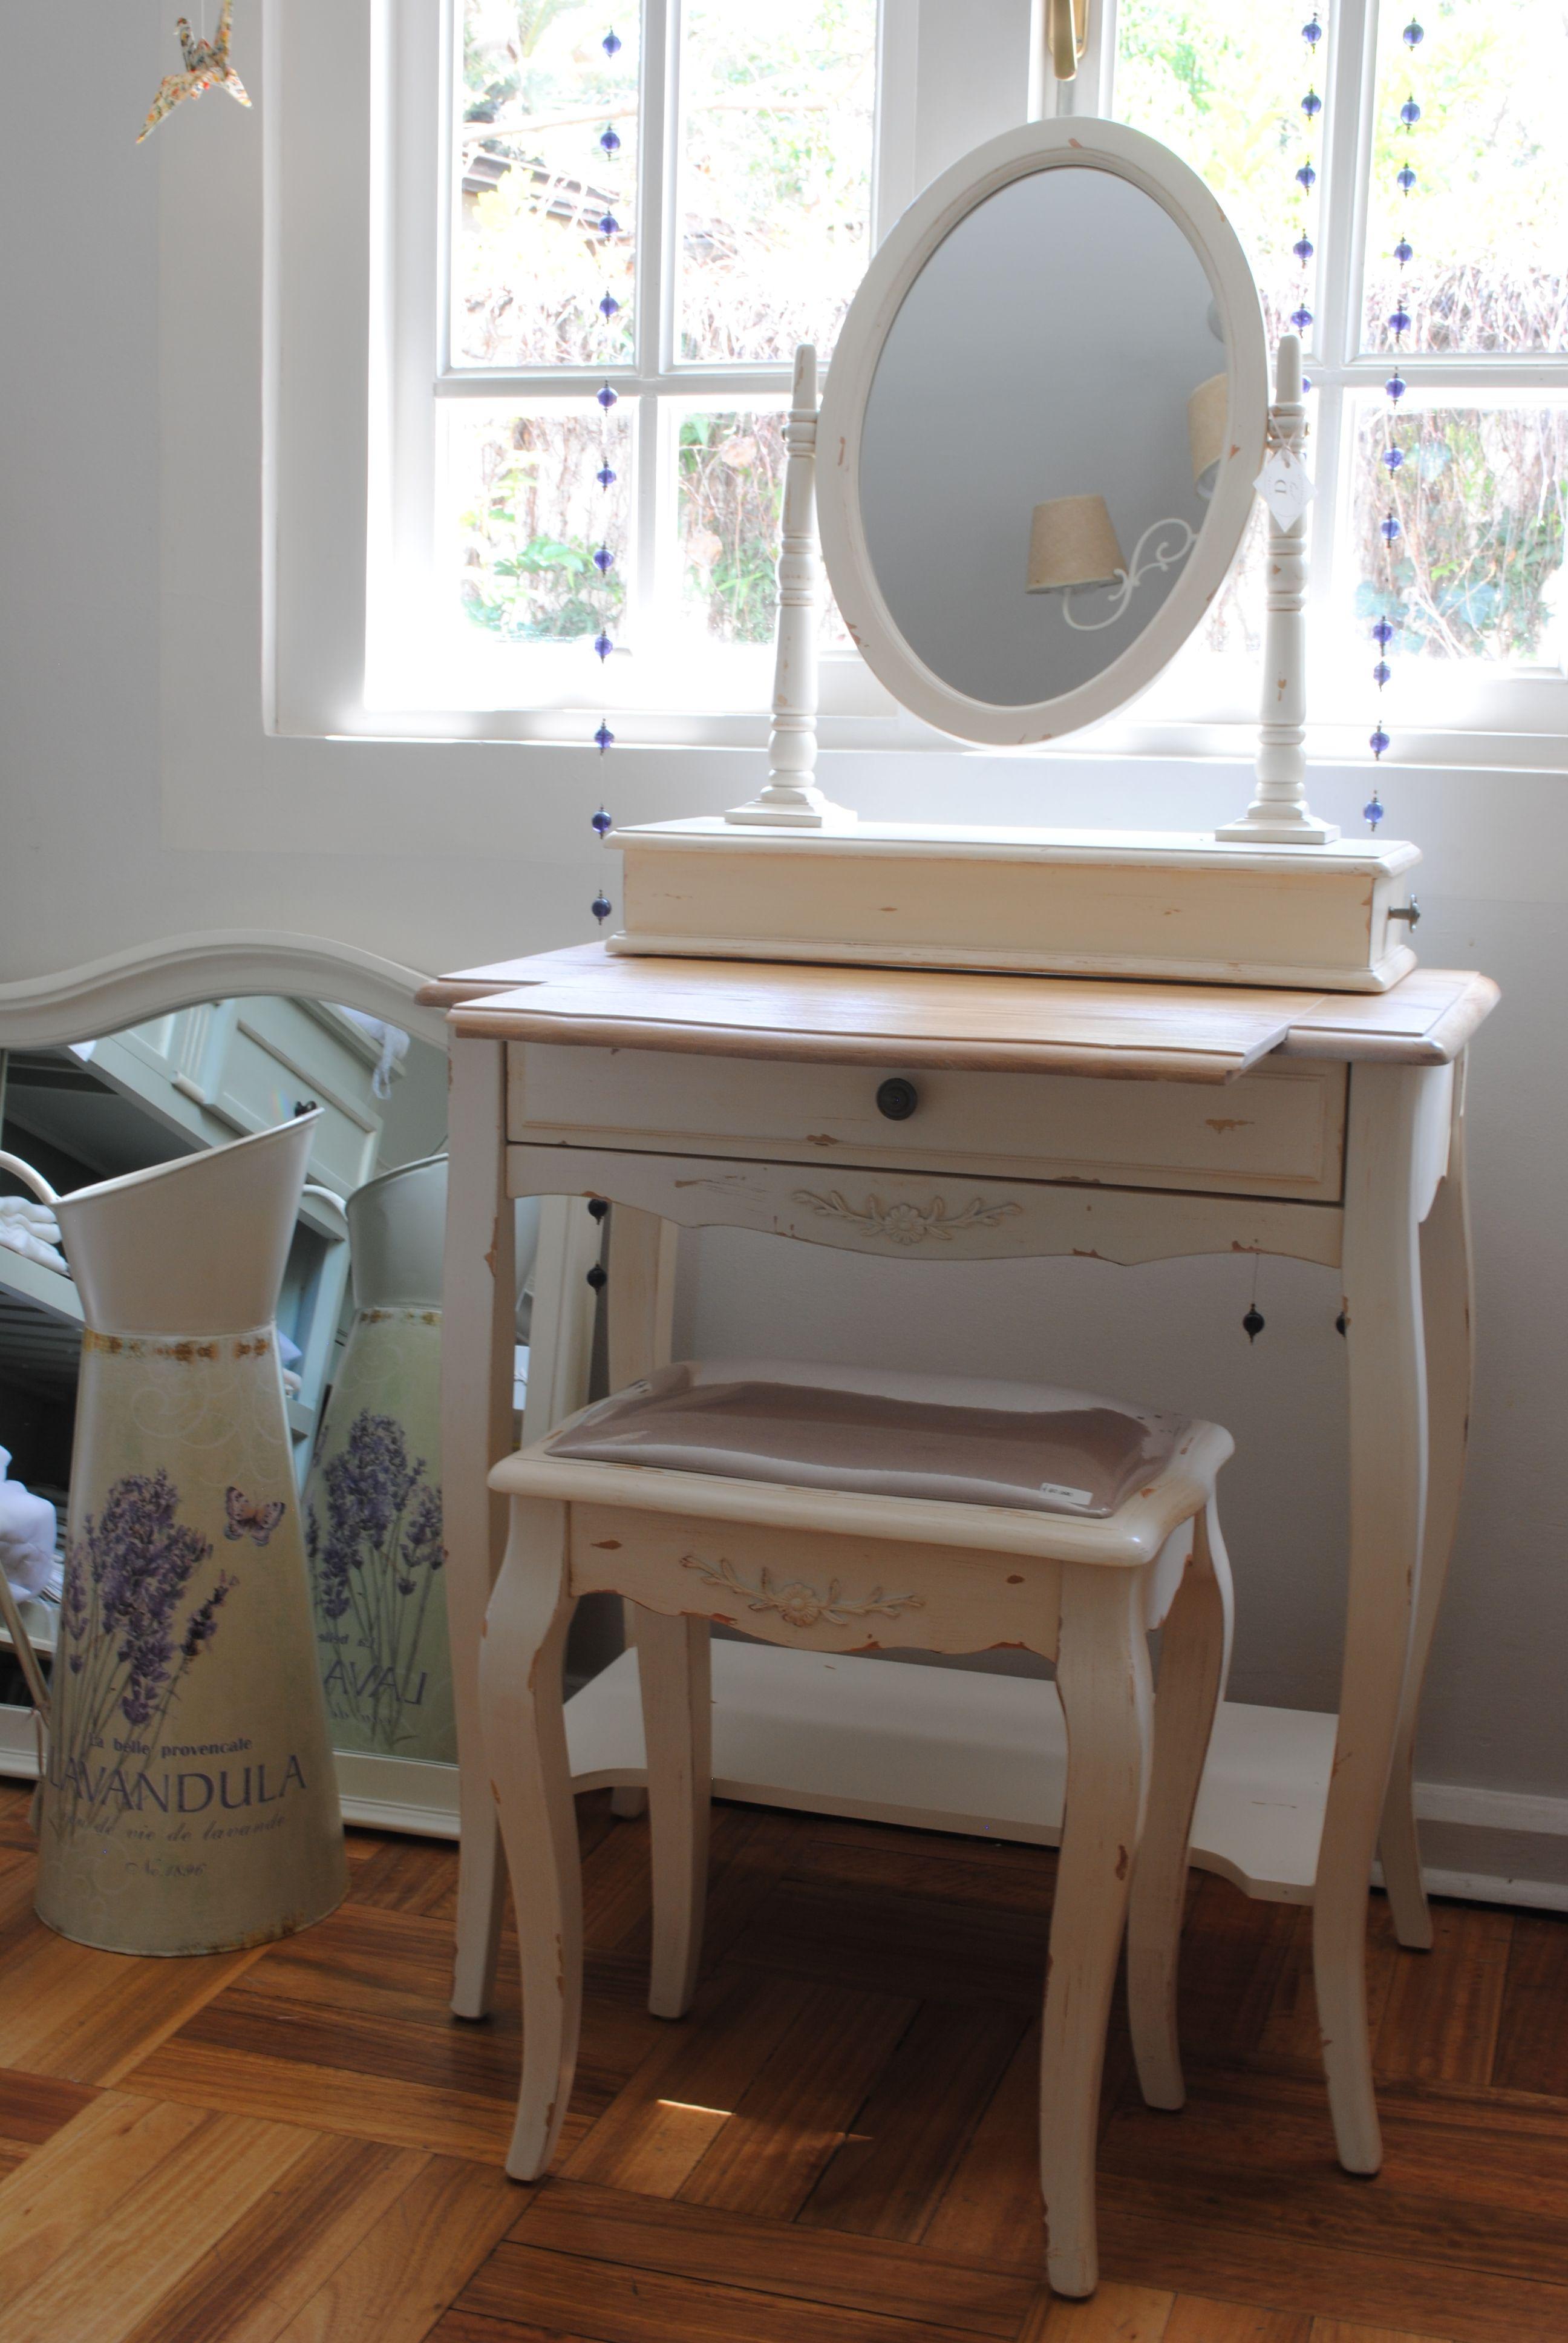 Tocador decoraci n infantil pinterest tocador muebles auxiliares y decoracion infantil - Tocador infantil ...